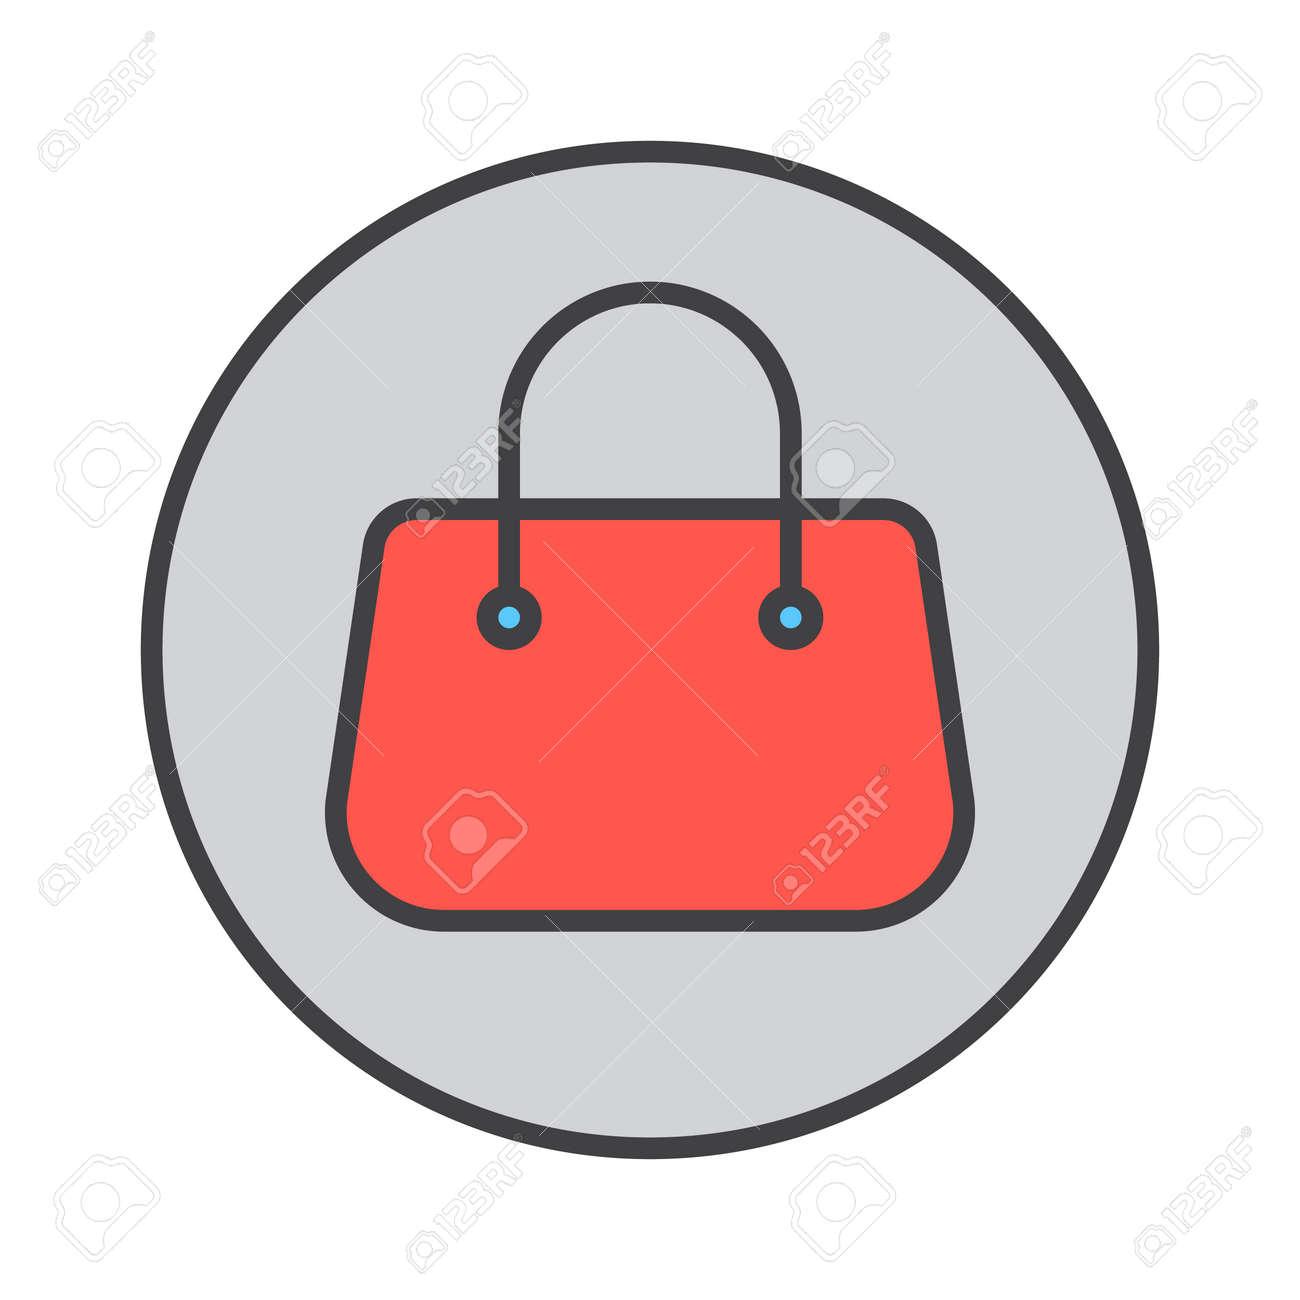 Icône de contour rempli sac à main sac à main, rond signe de vecteur coloré, pictogramme circulaire. Symbole, illustration de logo